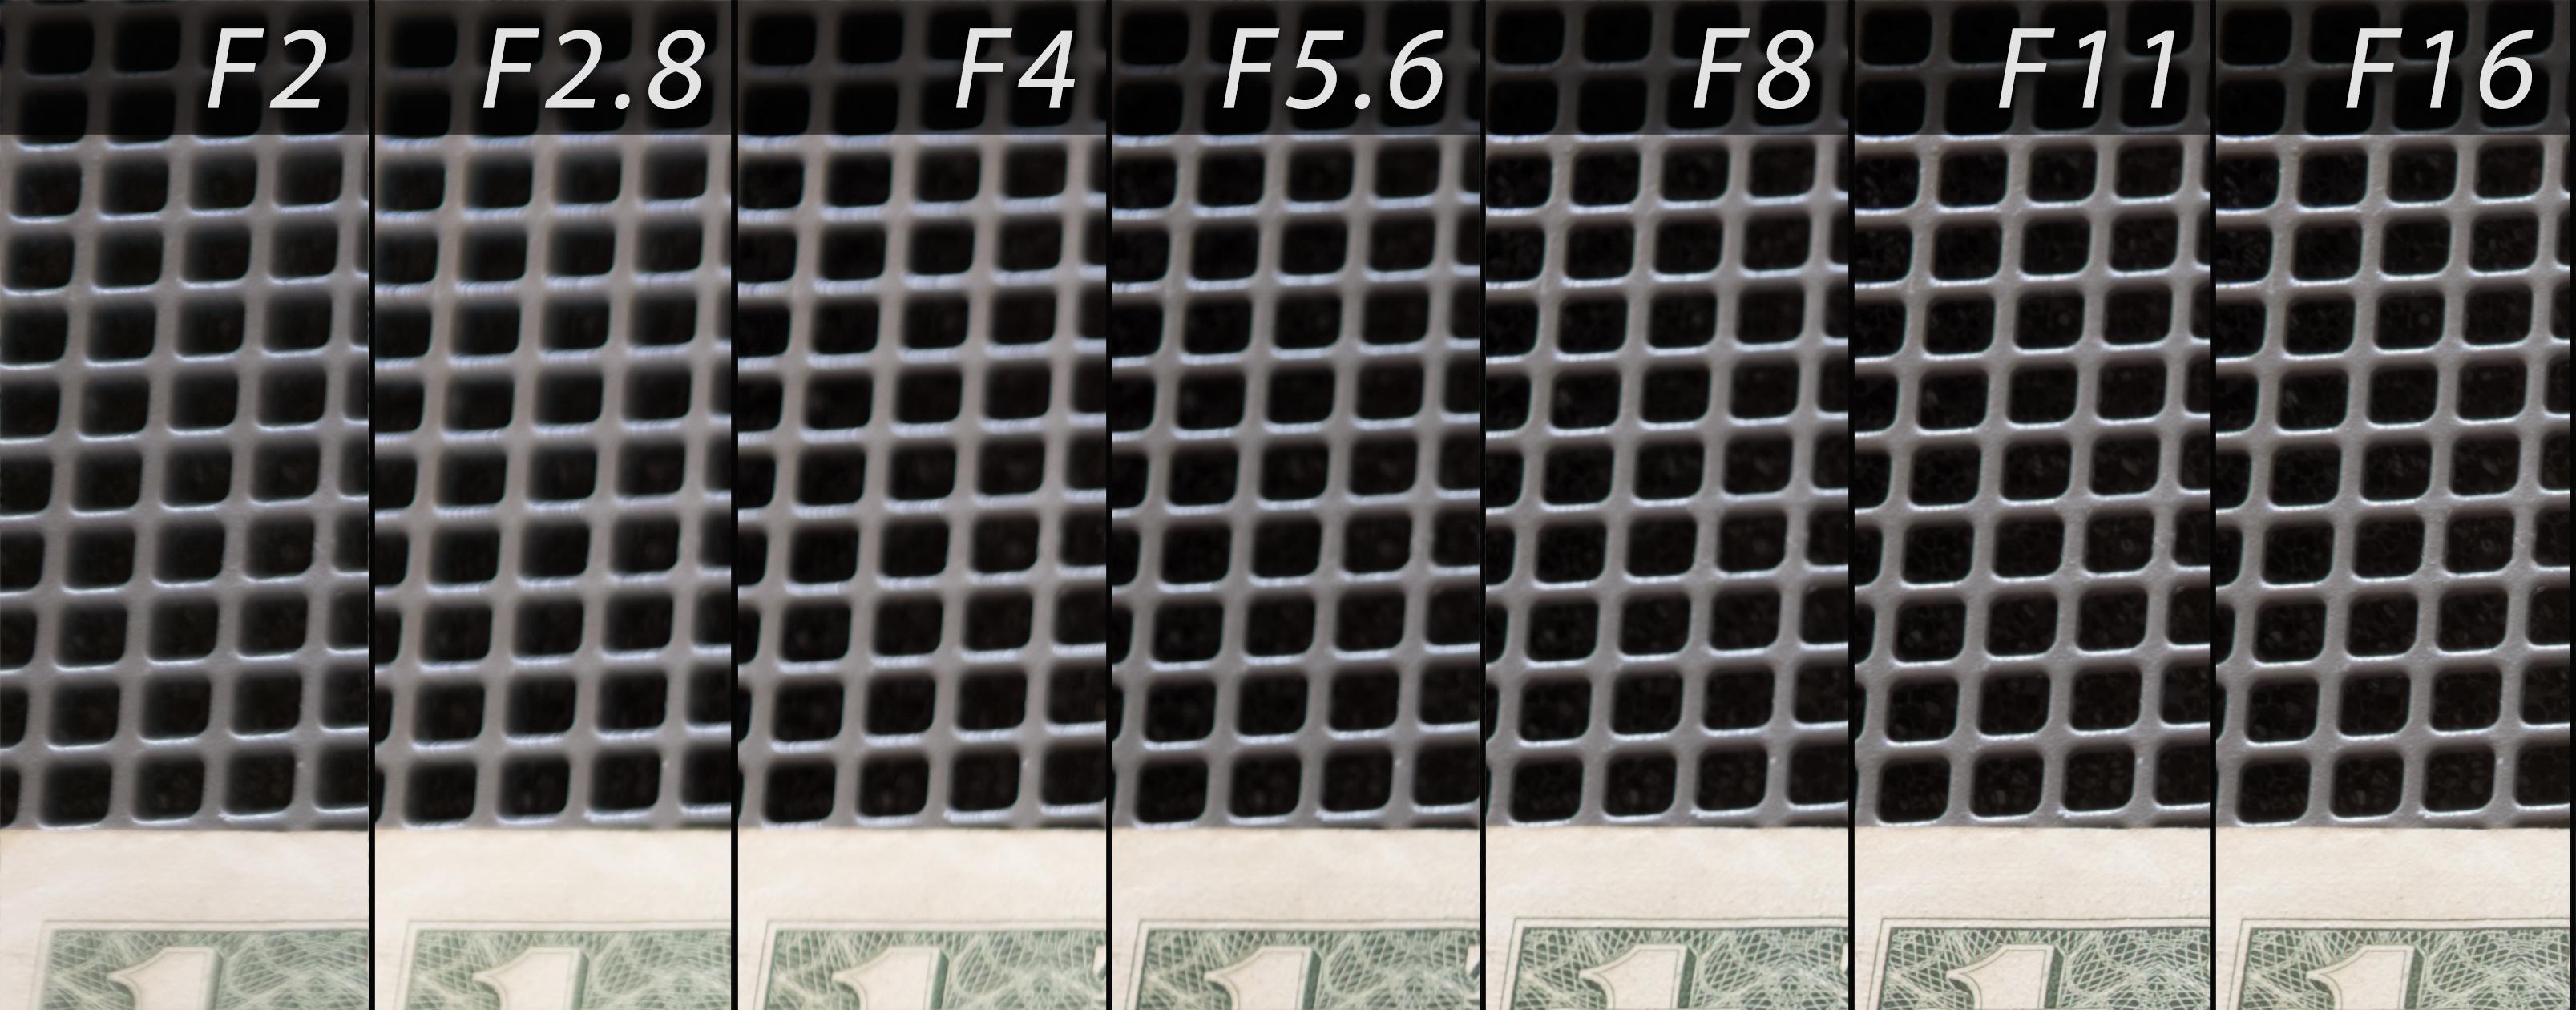 FujiX100T Lens Corners Test